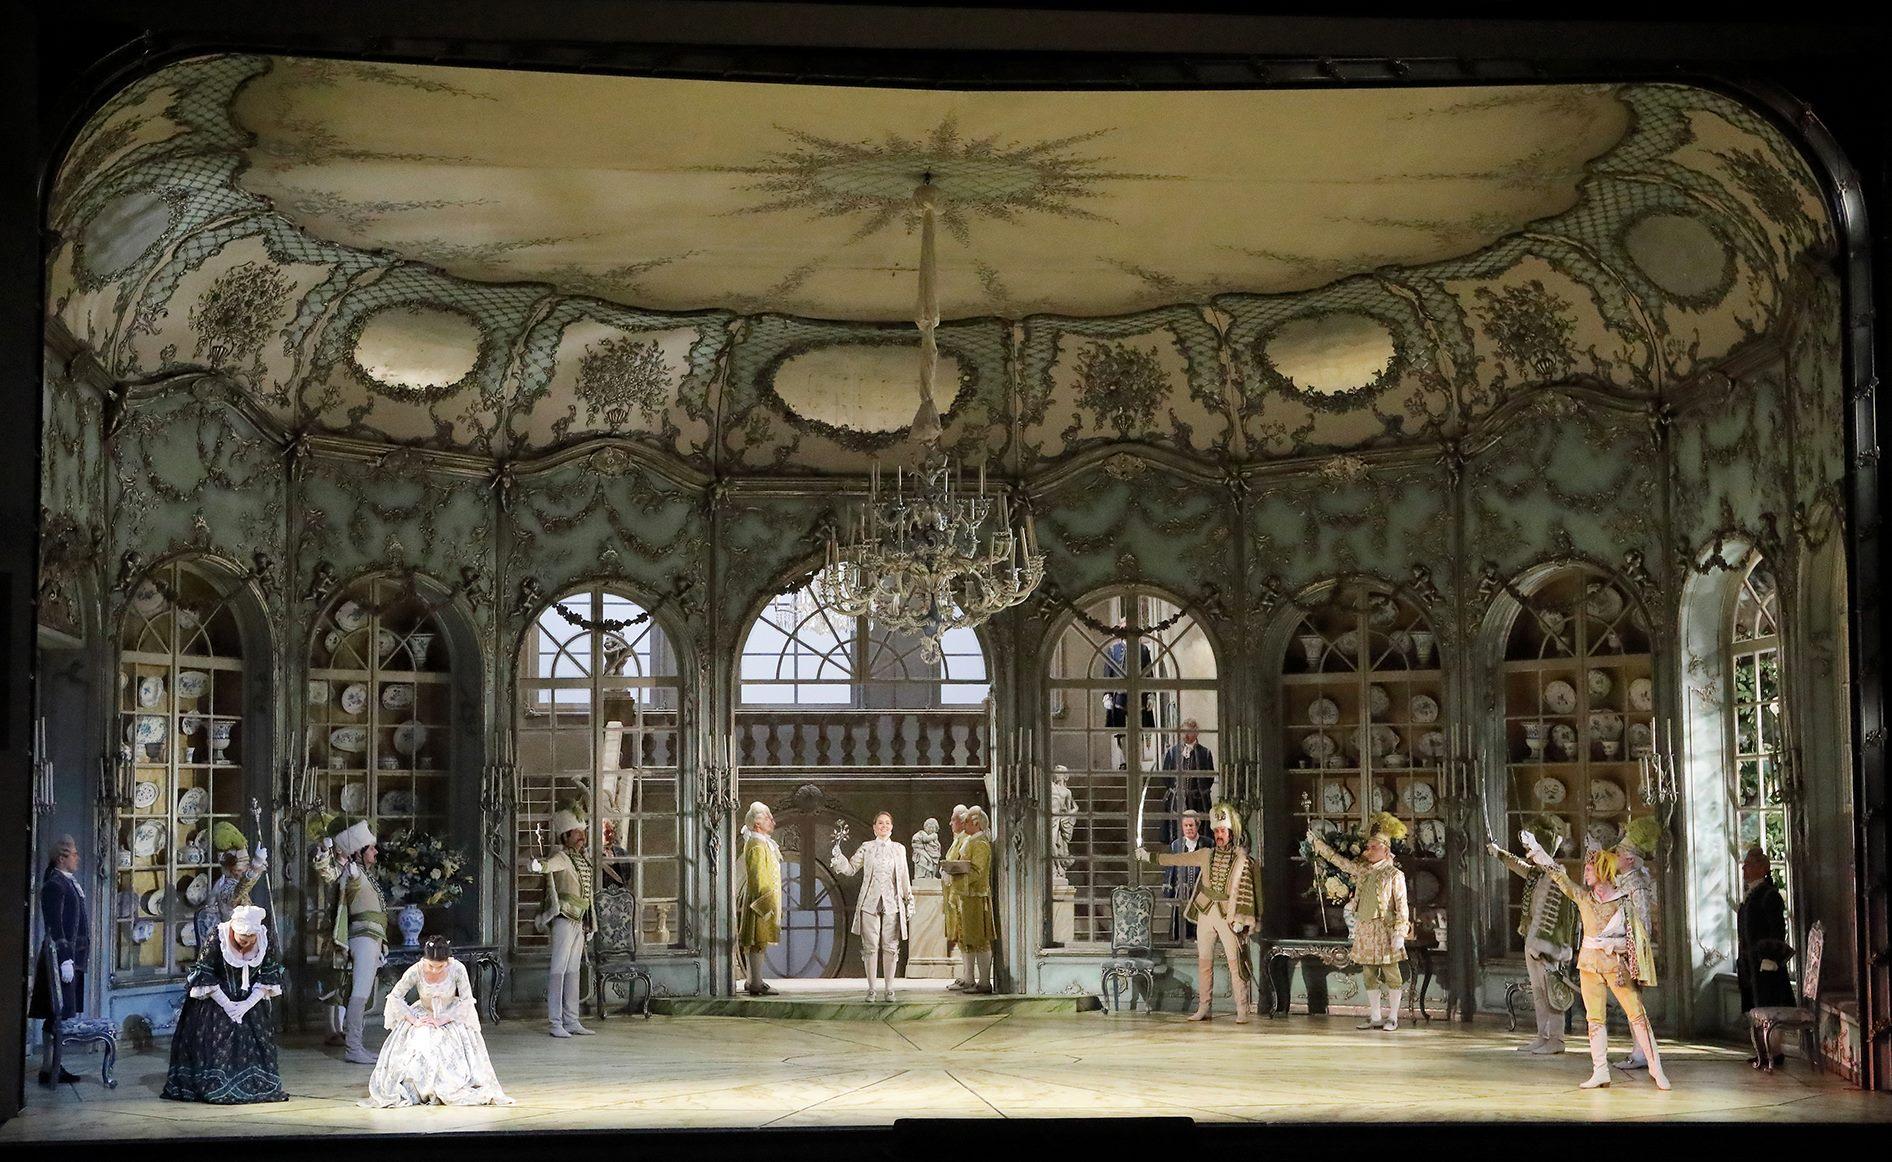 Der Rosenkavalier, Richard Strauss, Hugo von Hofmannsthal, Otto Schenk, Kirill Petrenko,BAYERISCHE STAATSOPER, Wilfried Hösl